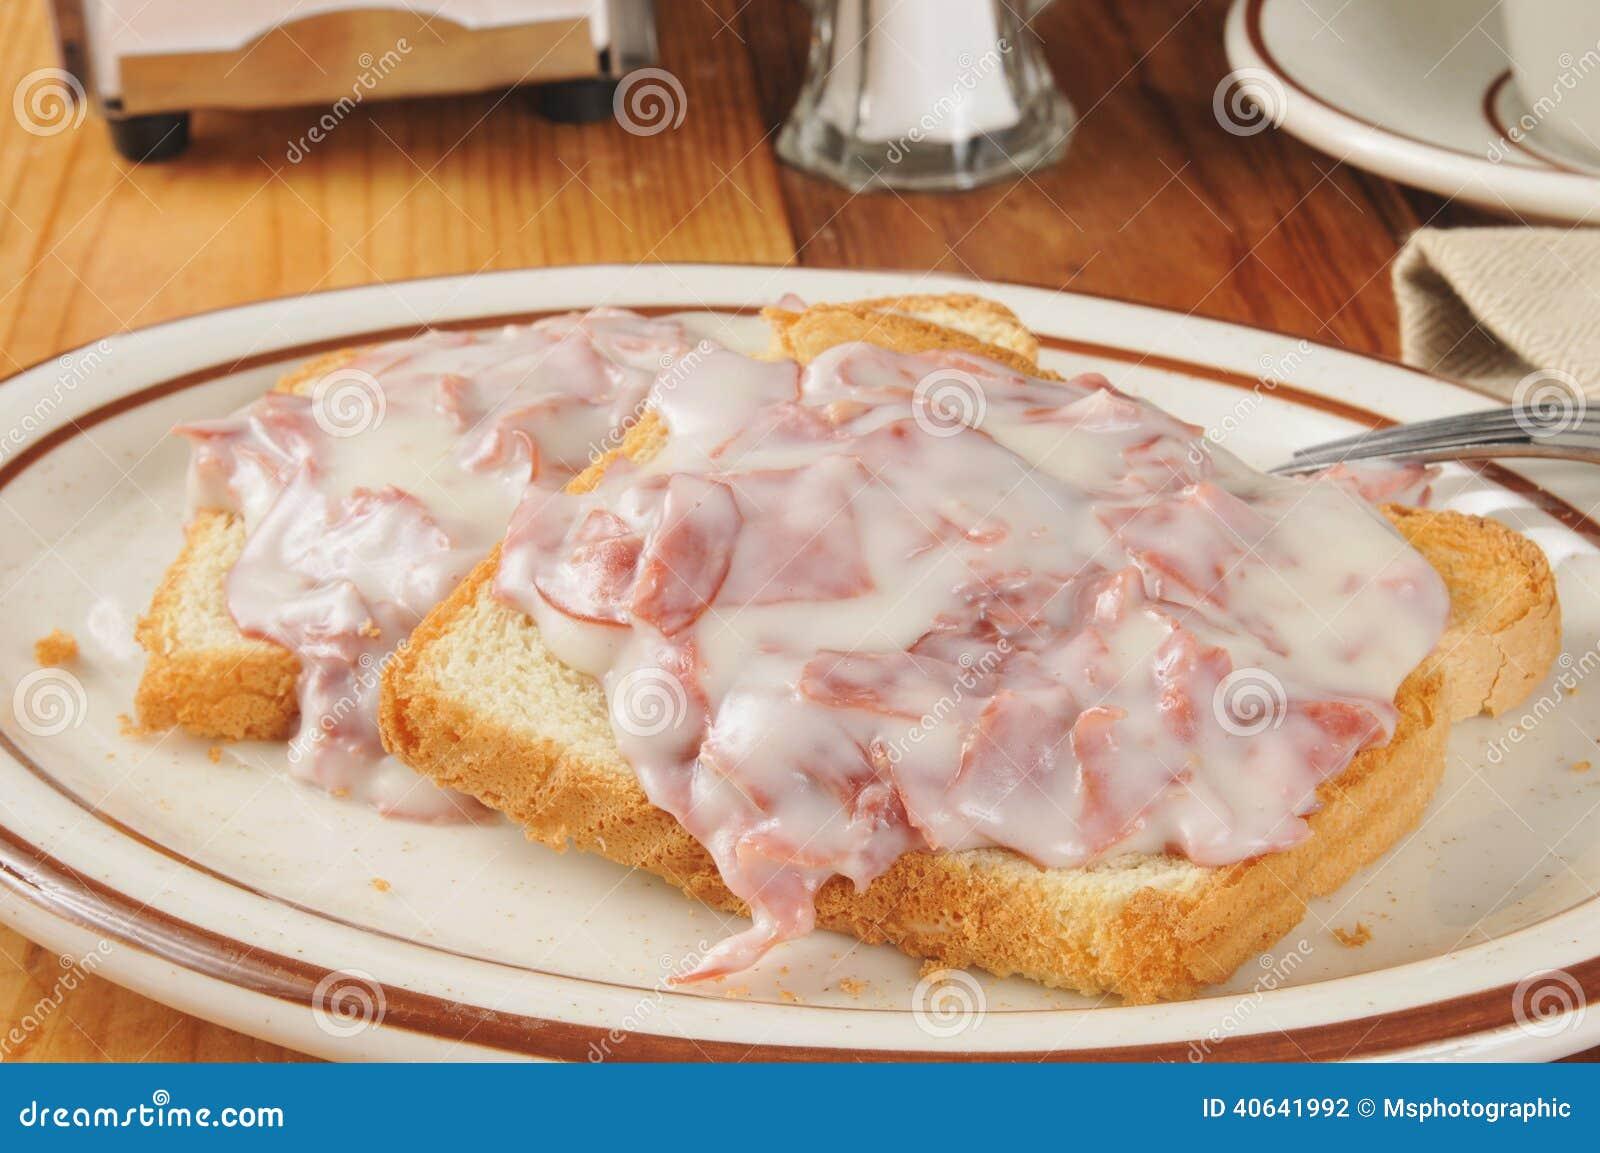 Manzo scheggiato su pane tostato